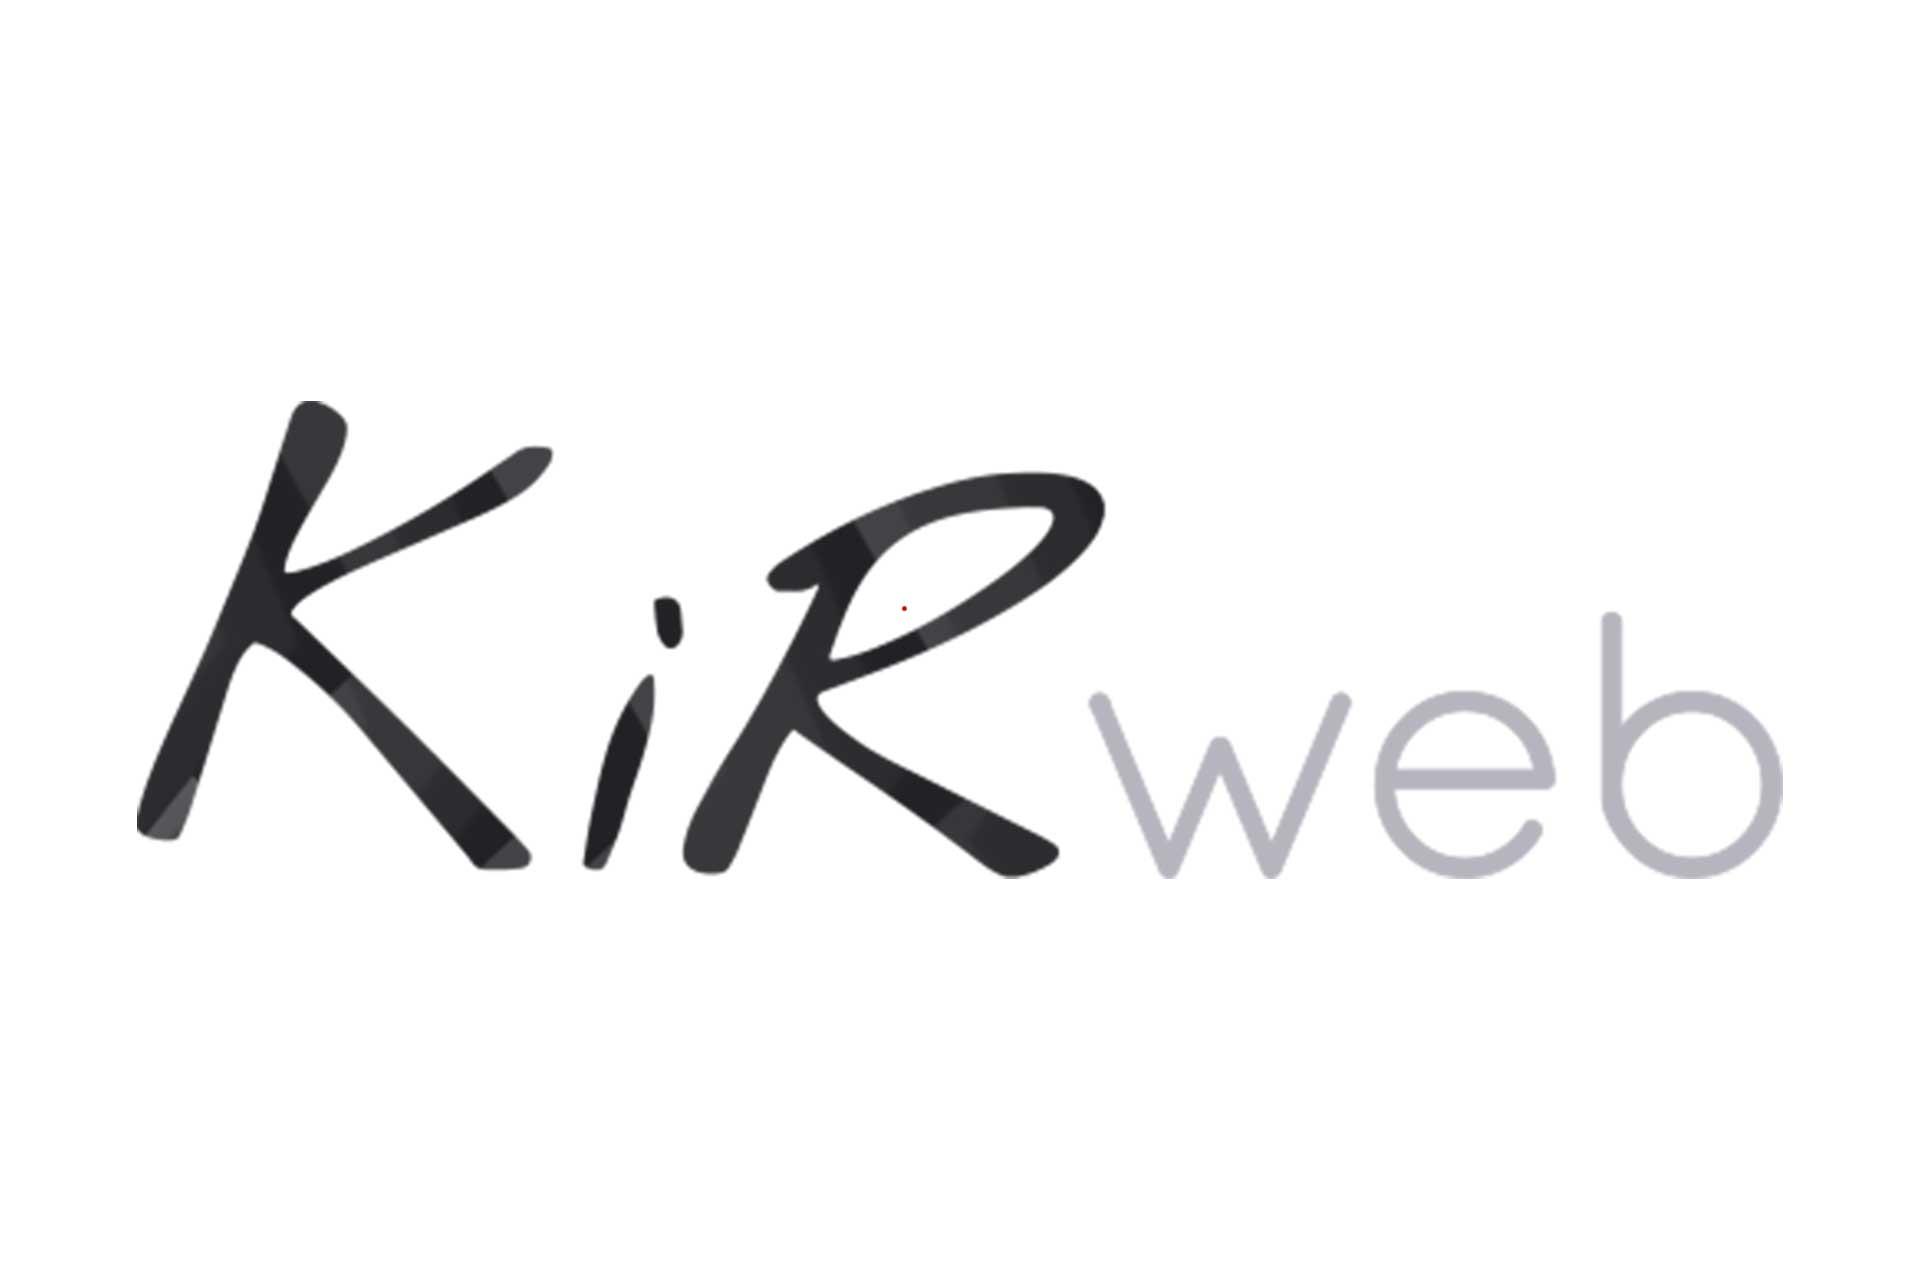 kirweb portfolio